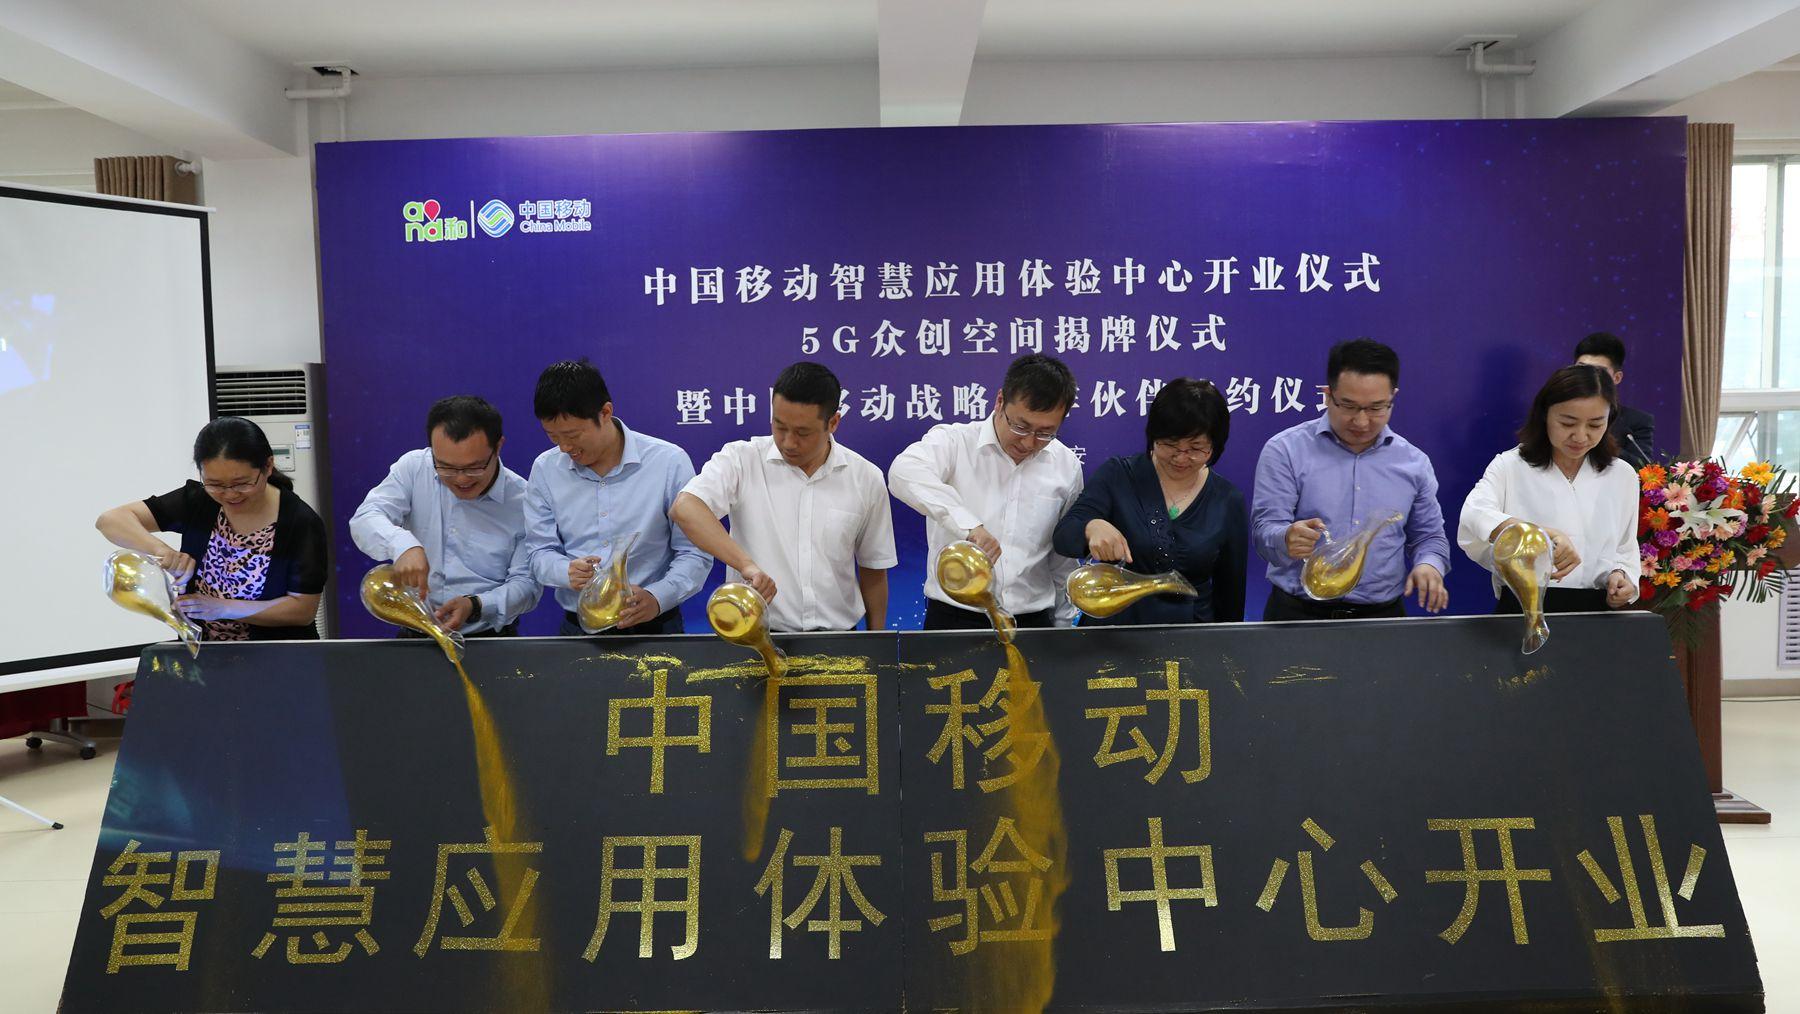 【中国雄安新闻】中国移动在雄安新区设立智慧应用体验中心